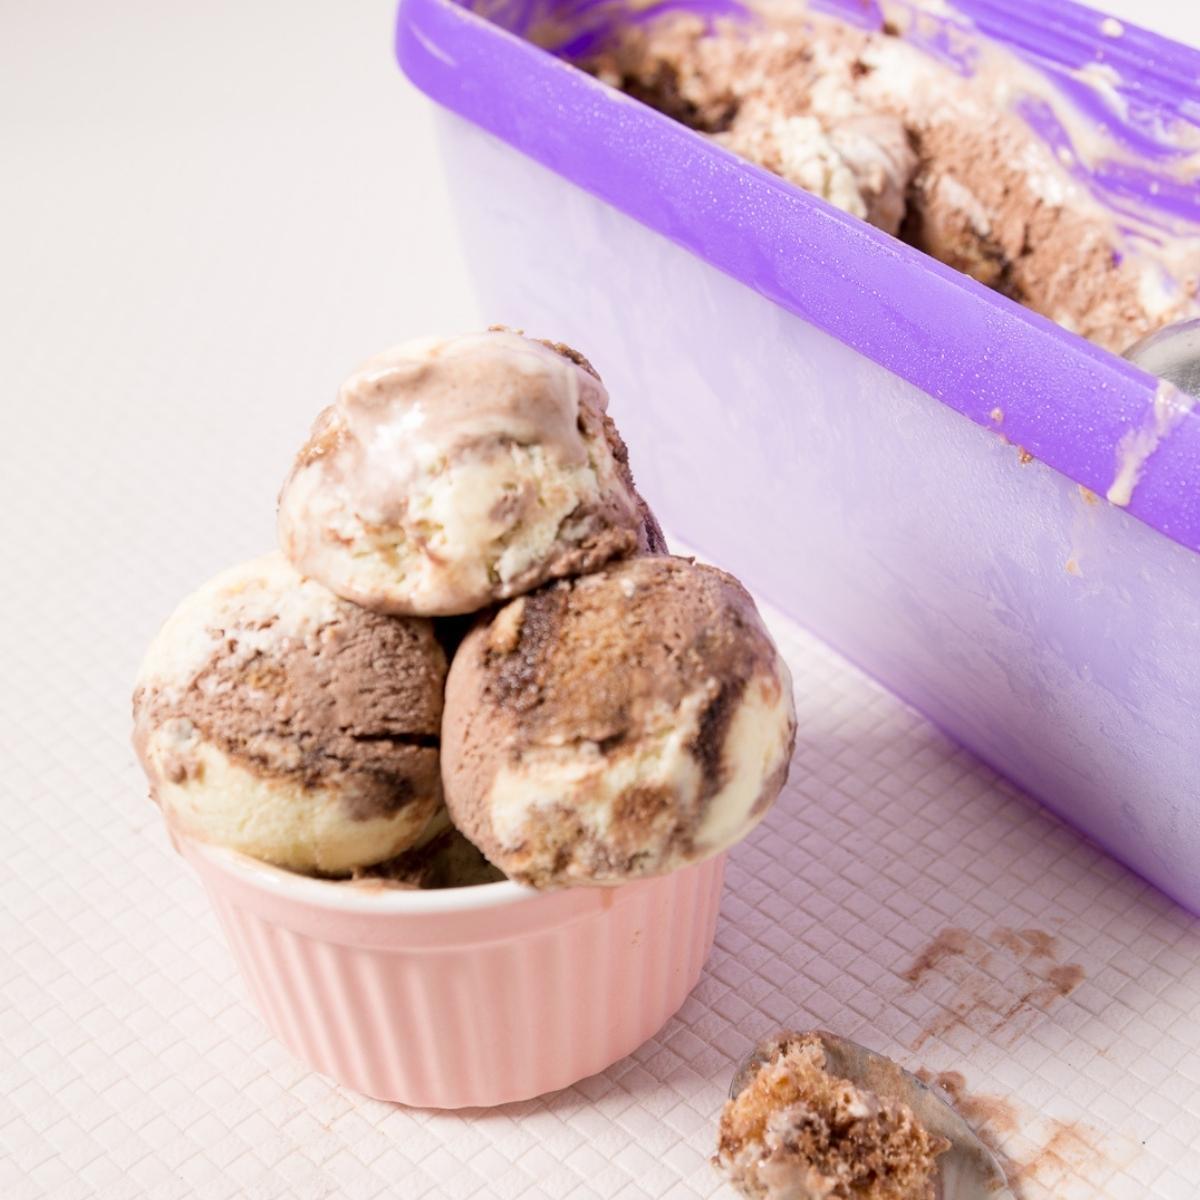 Pin ramekin with tiramisu ice cream.